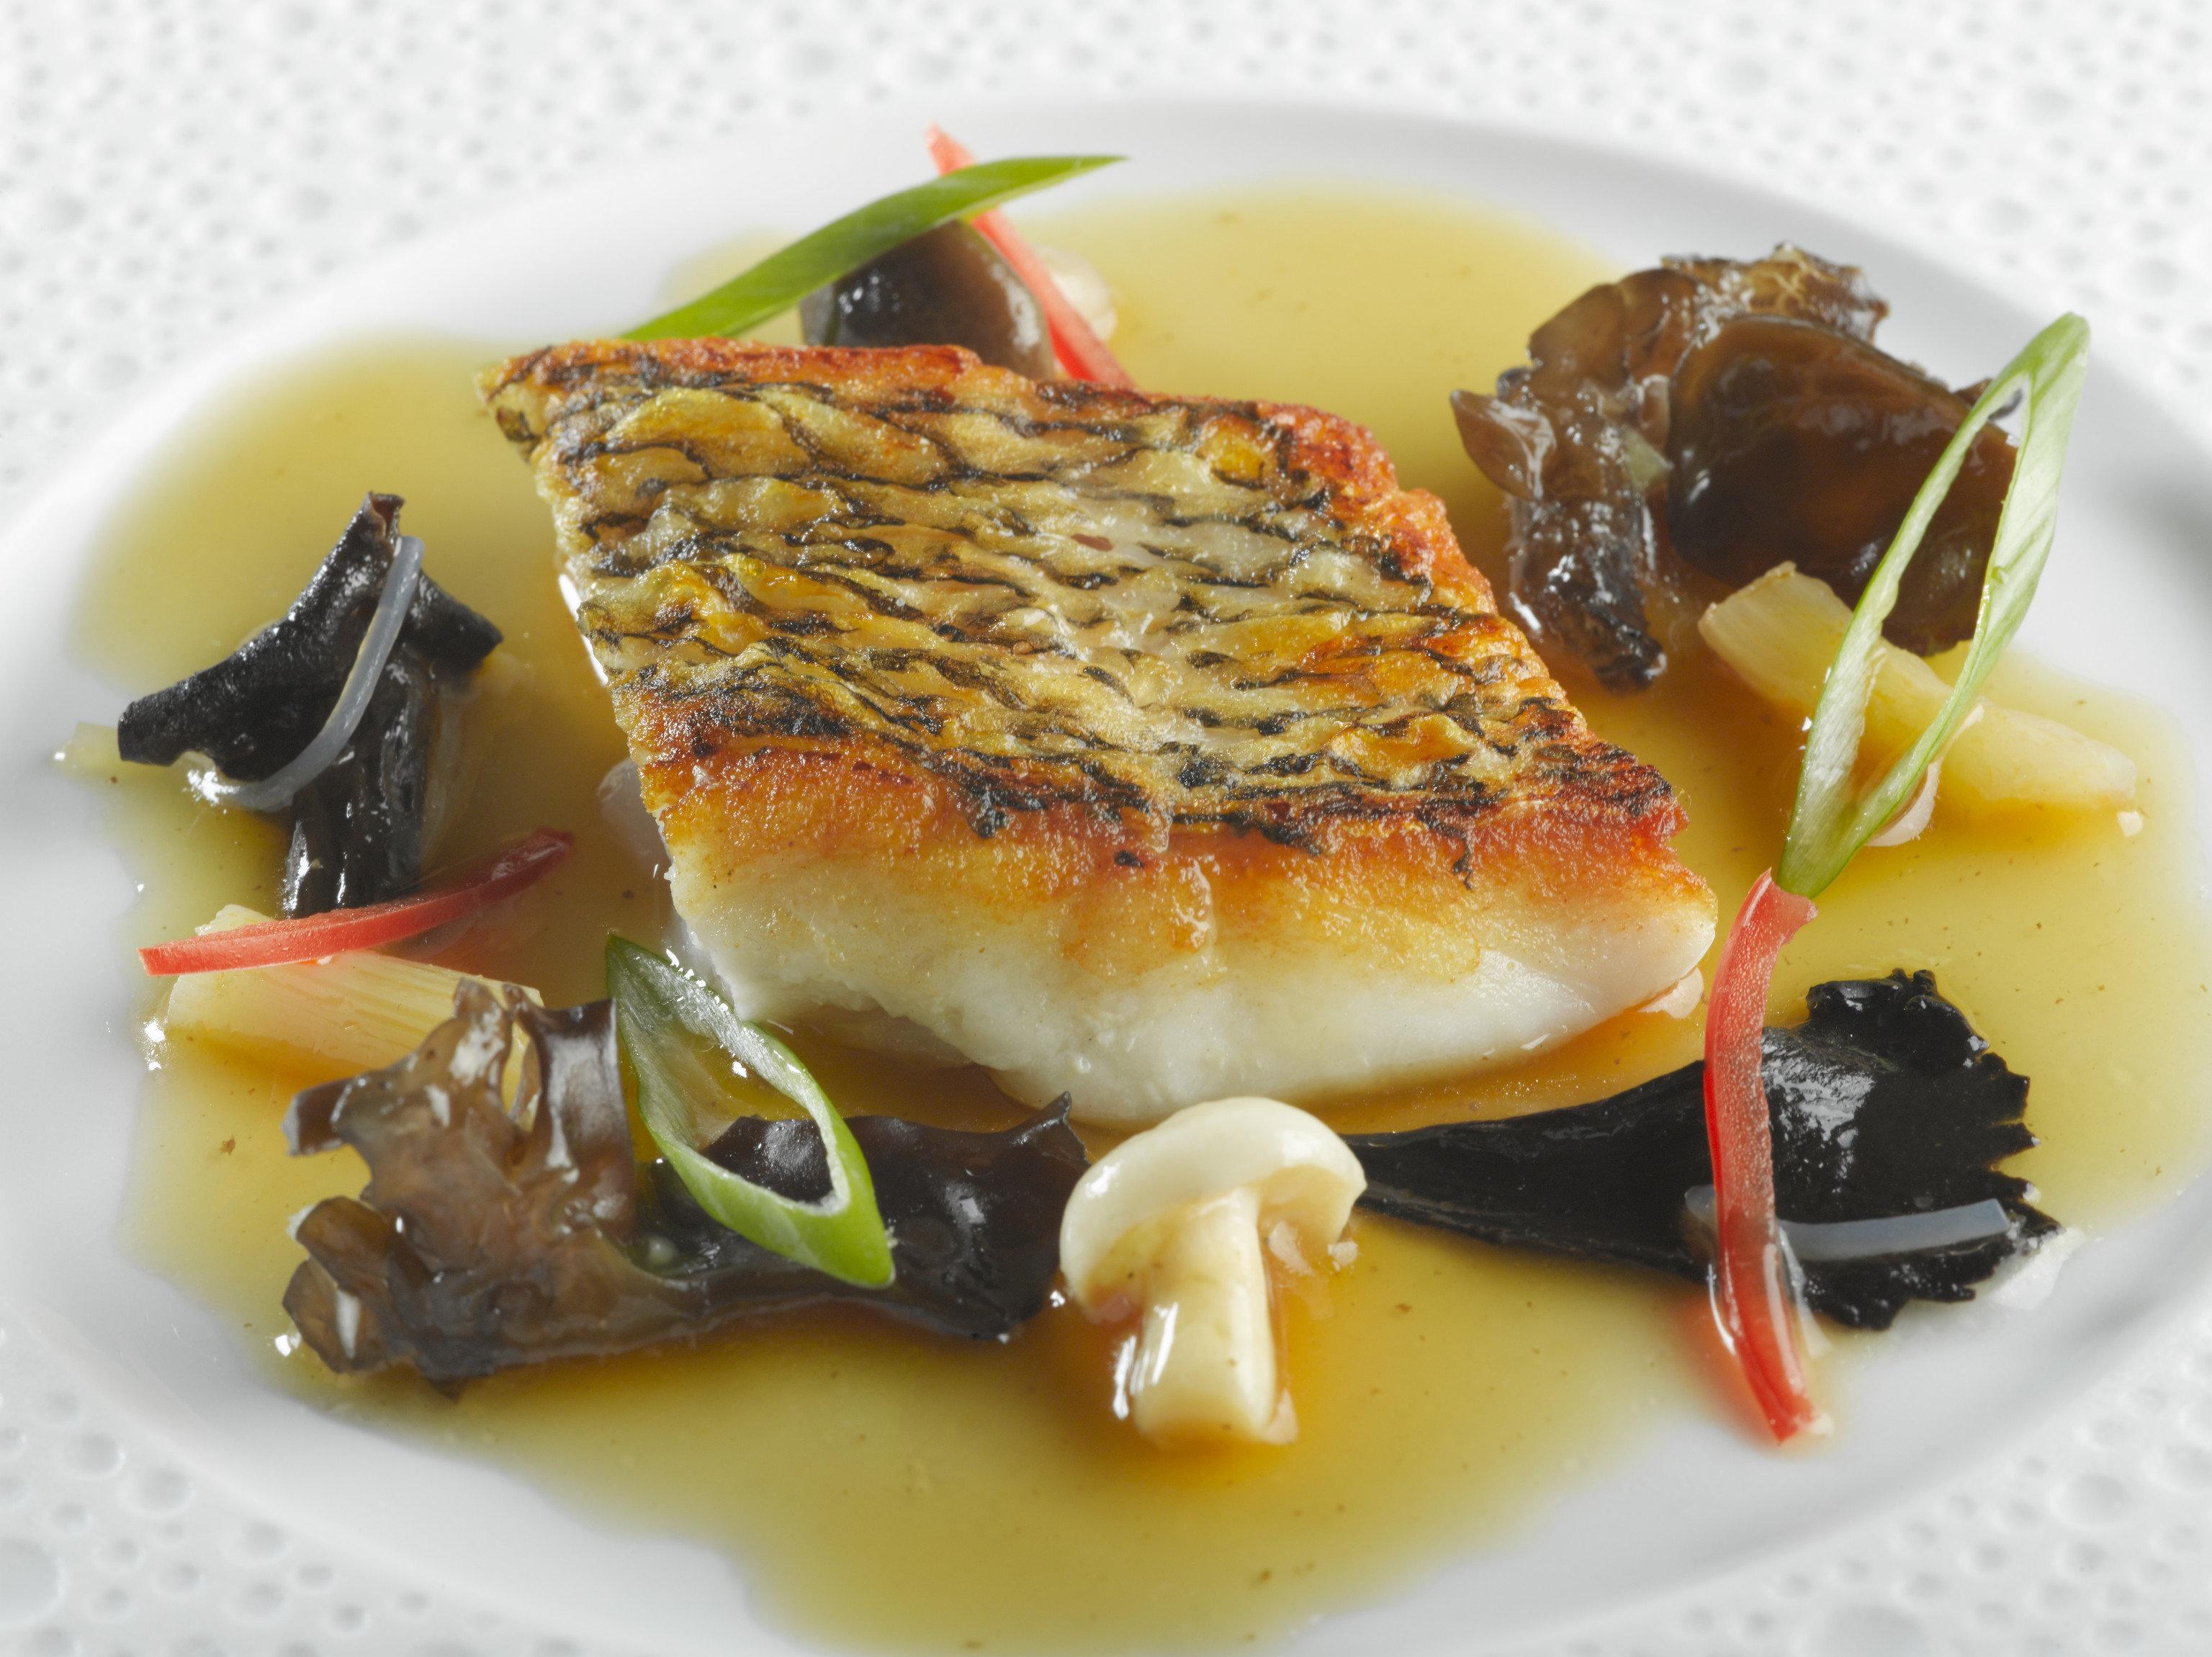 Food + Drink food plate dish cuisine sauce garnish recipe Seafood meal containing piece de resistance